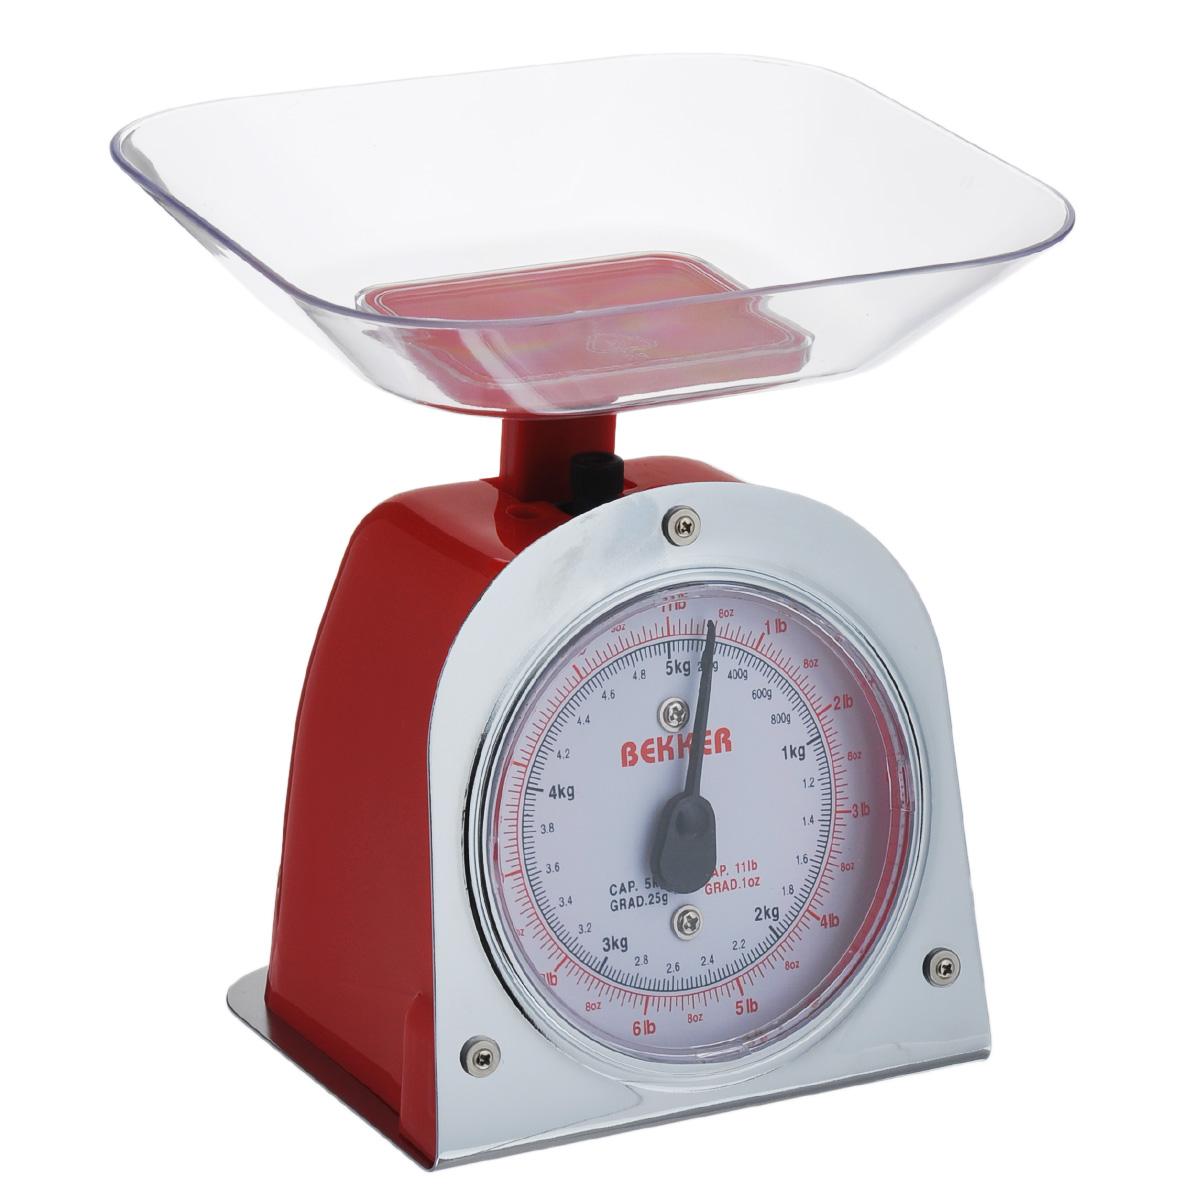 Весы кухонные Bekker Koch, цвет: красный, до 5 кгBK-2Весы кухонные Bekker Koch предназначены для взвешивания продуктов. Основание весов изготовлено из металла, а корпус из высококачественного пластика. Весы имеют регулятор мерной шкалы и съемную чашу, изготовленную из пластика. Весы выдерживают до 5 килограмм веса. Кухонные весы Bekker Koch придутся по душе каждой хозяйке и станут незаменимым аксессуаром на кухне. Размер весов (с учетом чаши): 13,5 см х 12 см х 19 см. Цена деления: 25 г. Максимальная нагрузка: 5 кг. Размер съемной чаши: 17,8 см х 15 см х 3,5 см.